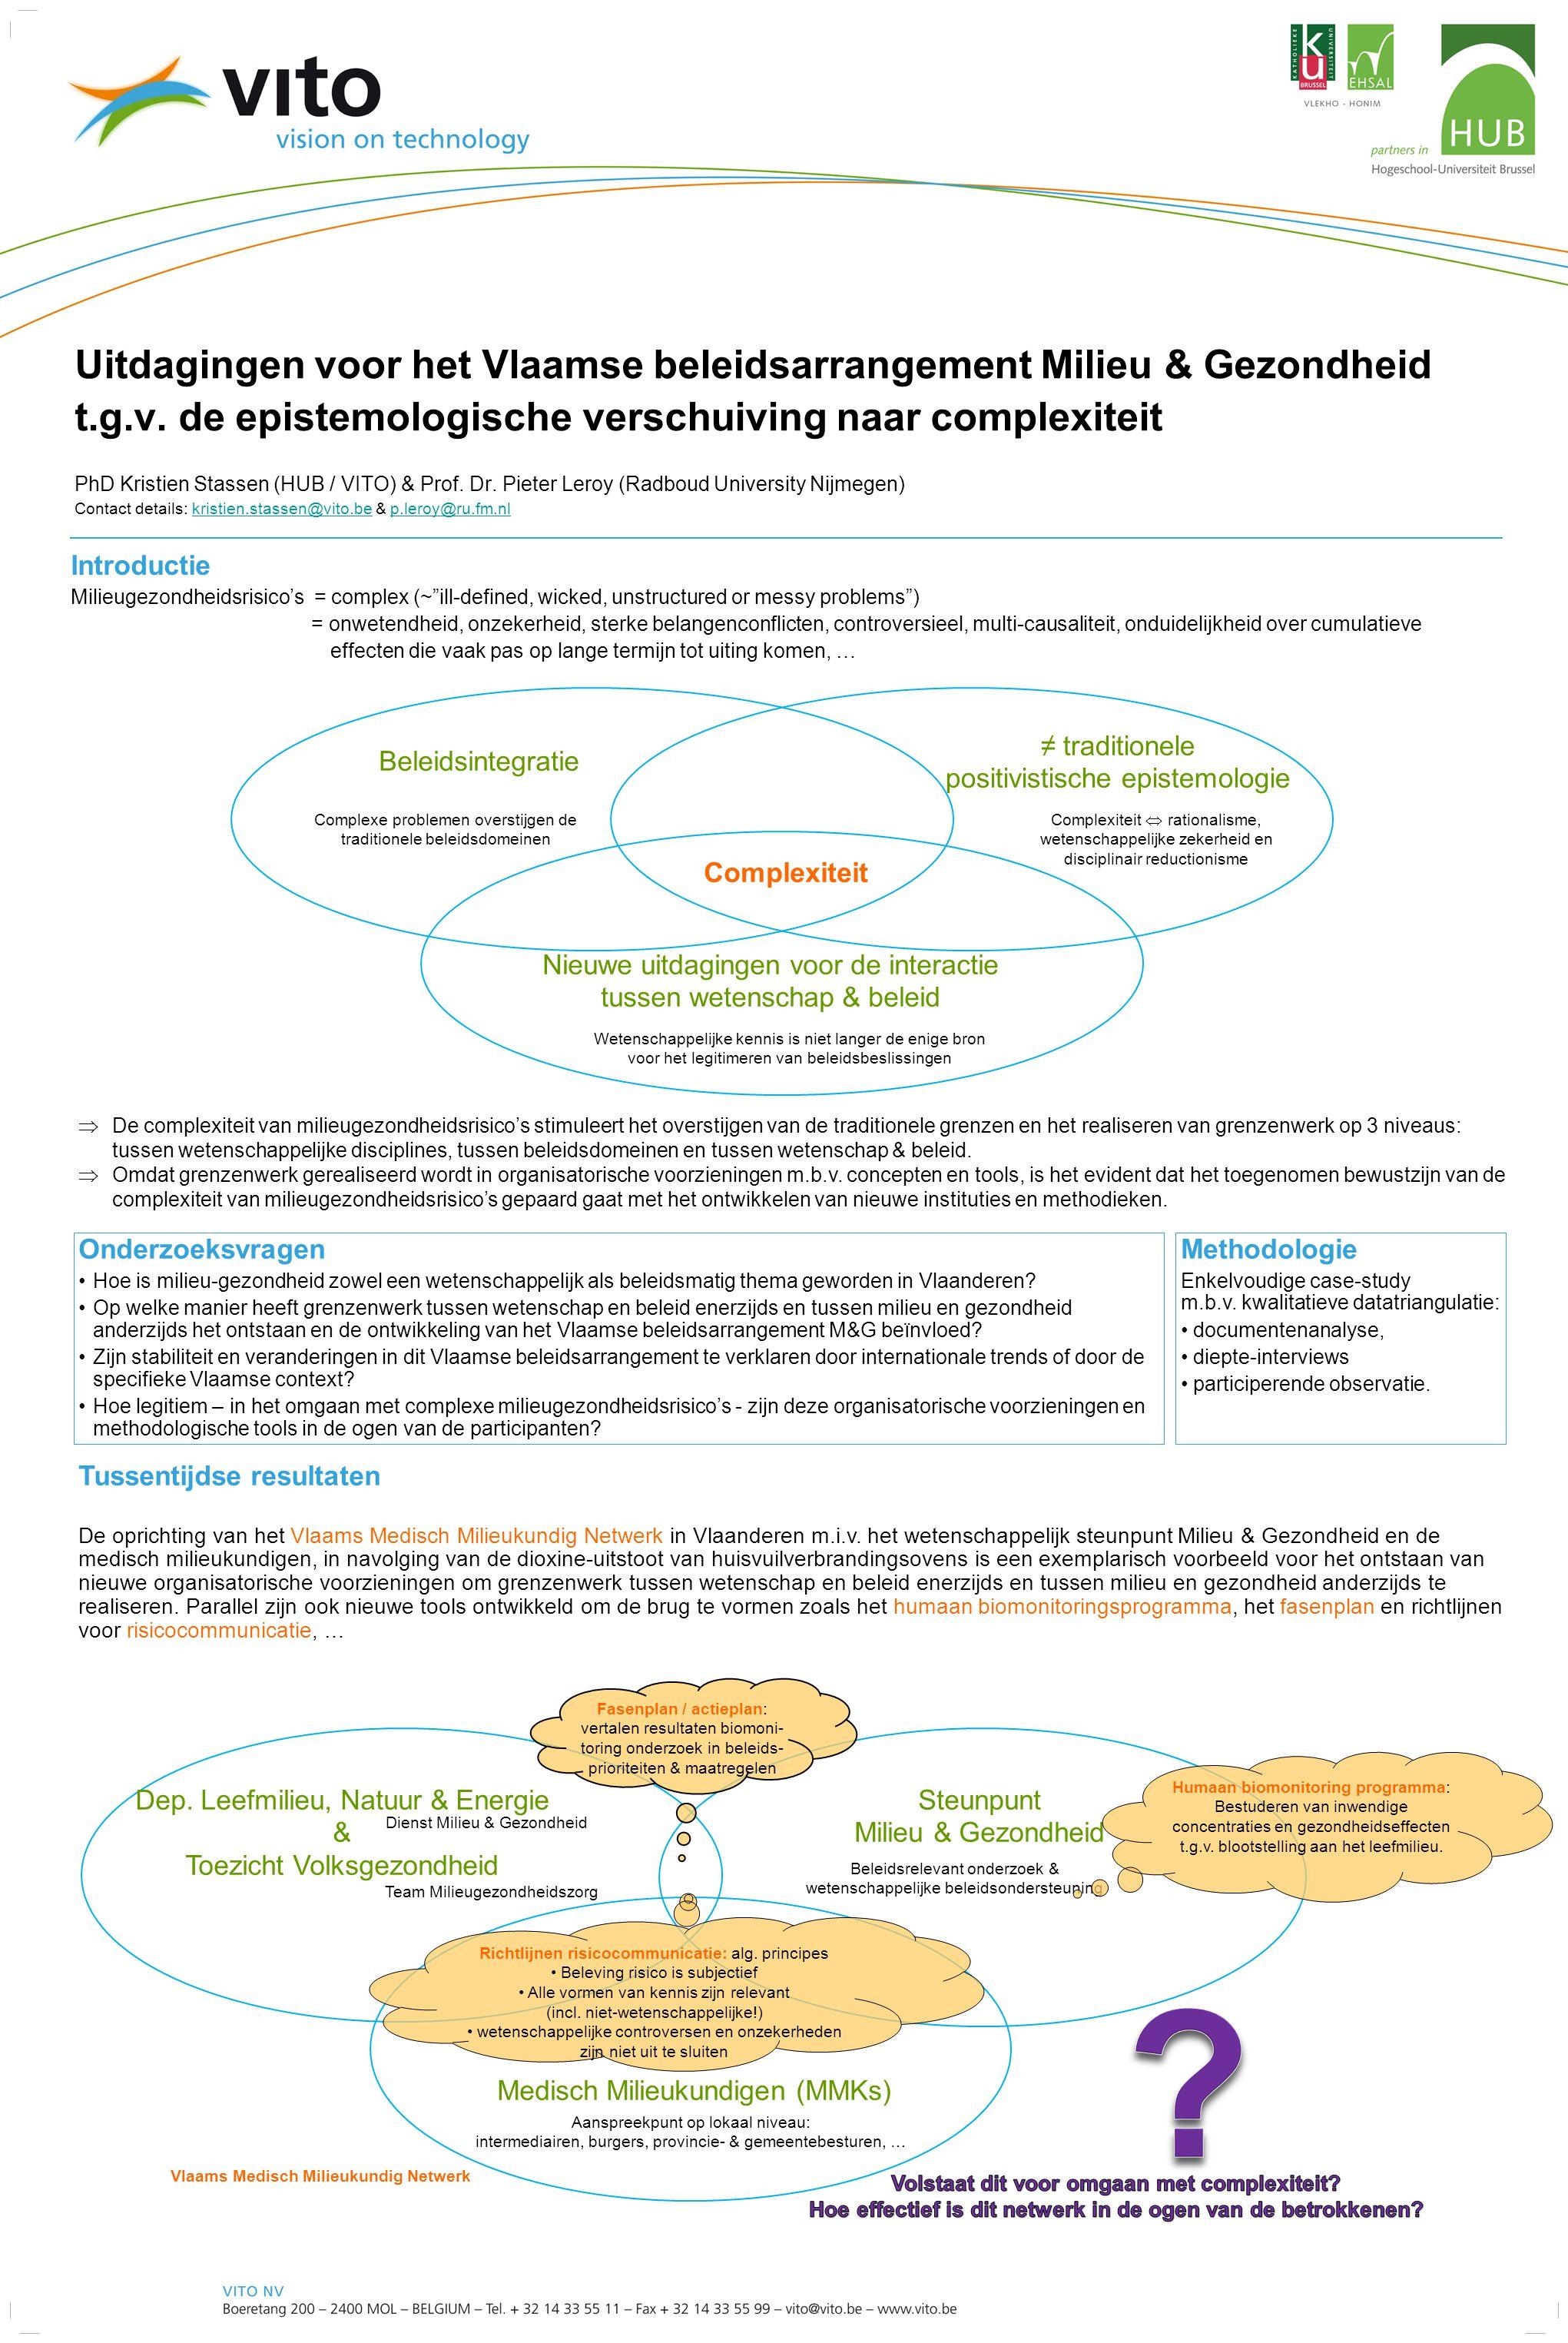 Uitdagingen voor het Vlaamse beleidsarrangement Milieu & Gezondheid t.g.v.